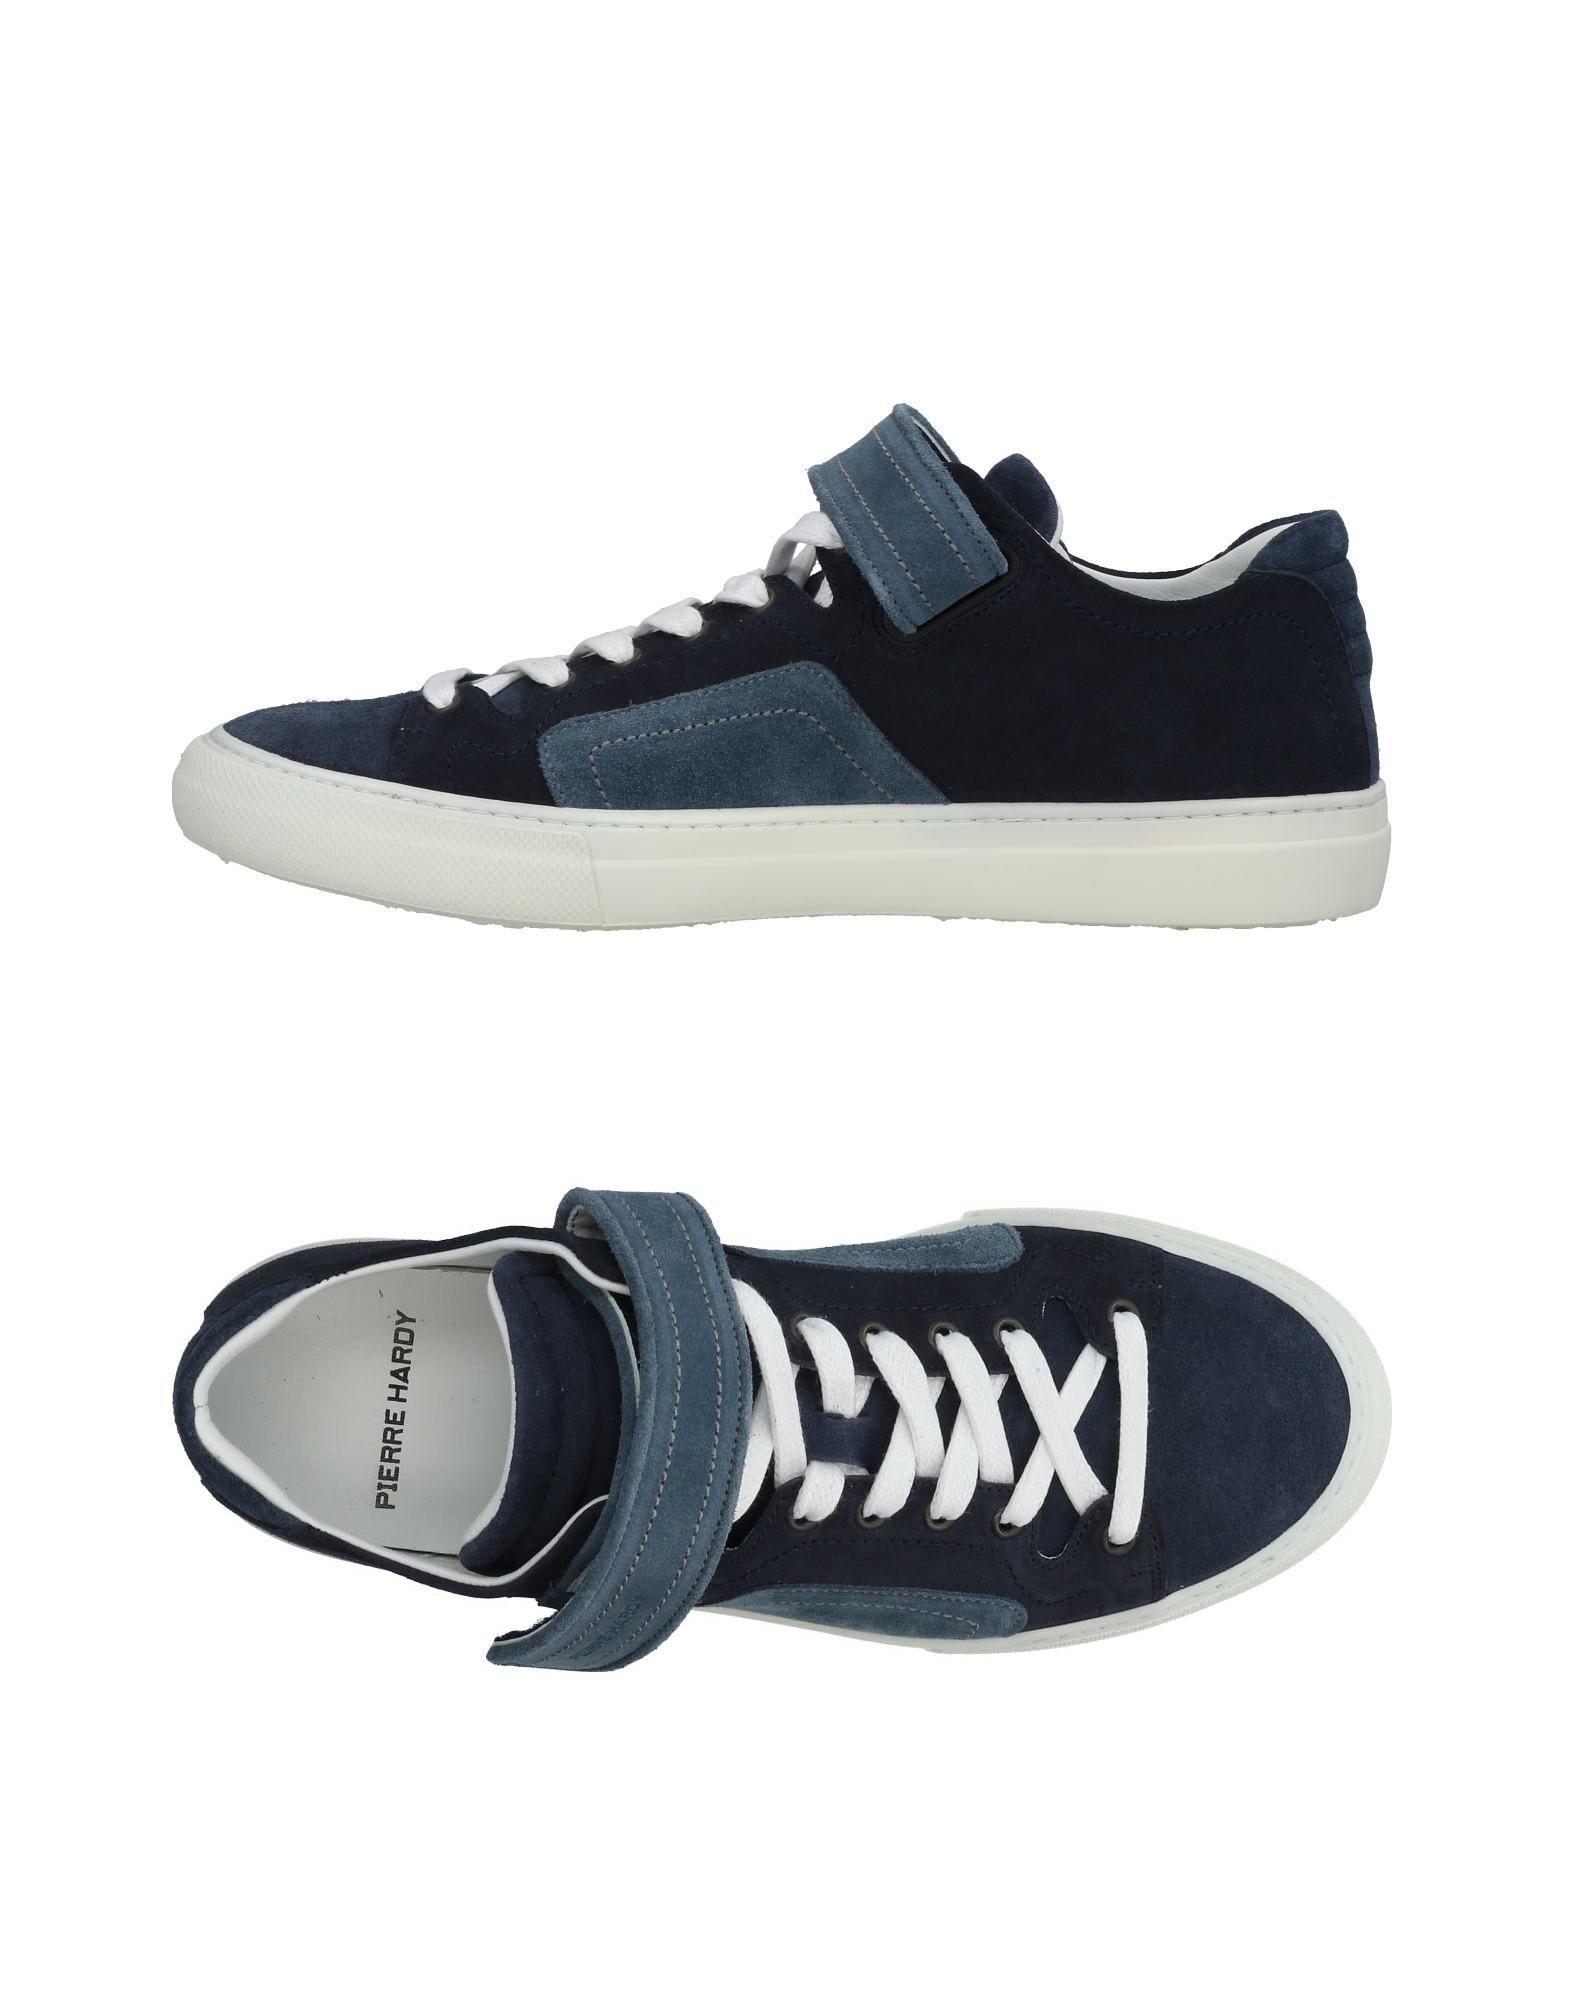 Pierre Hardy Sneakers Herren  11439428MH Gute Qualität beliebte Schuhe